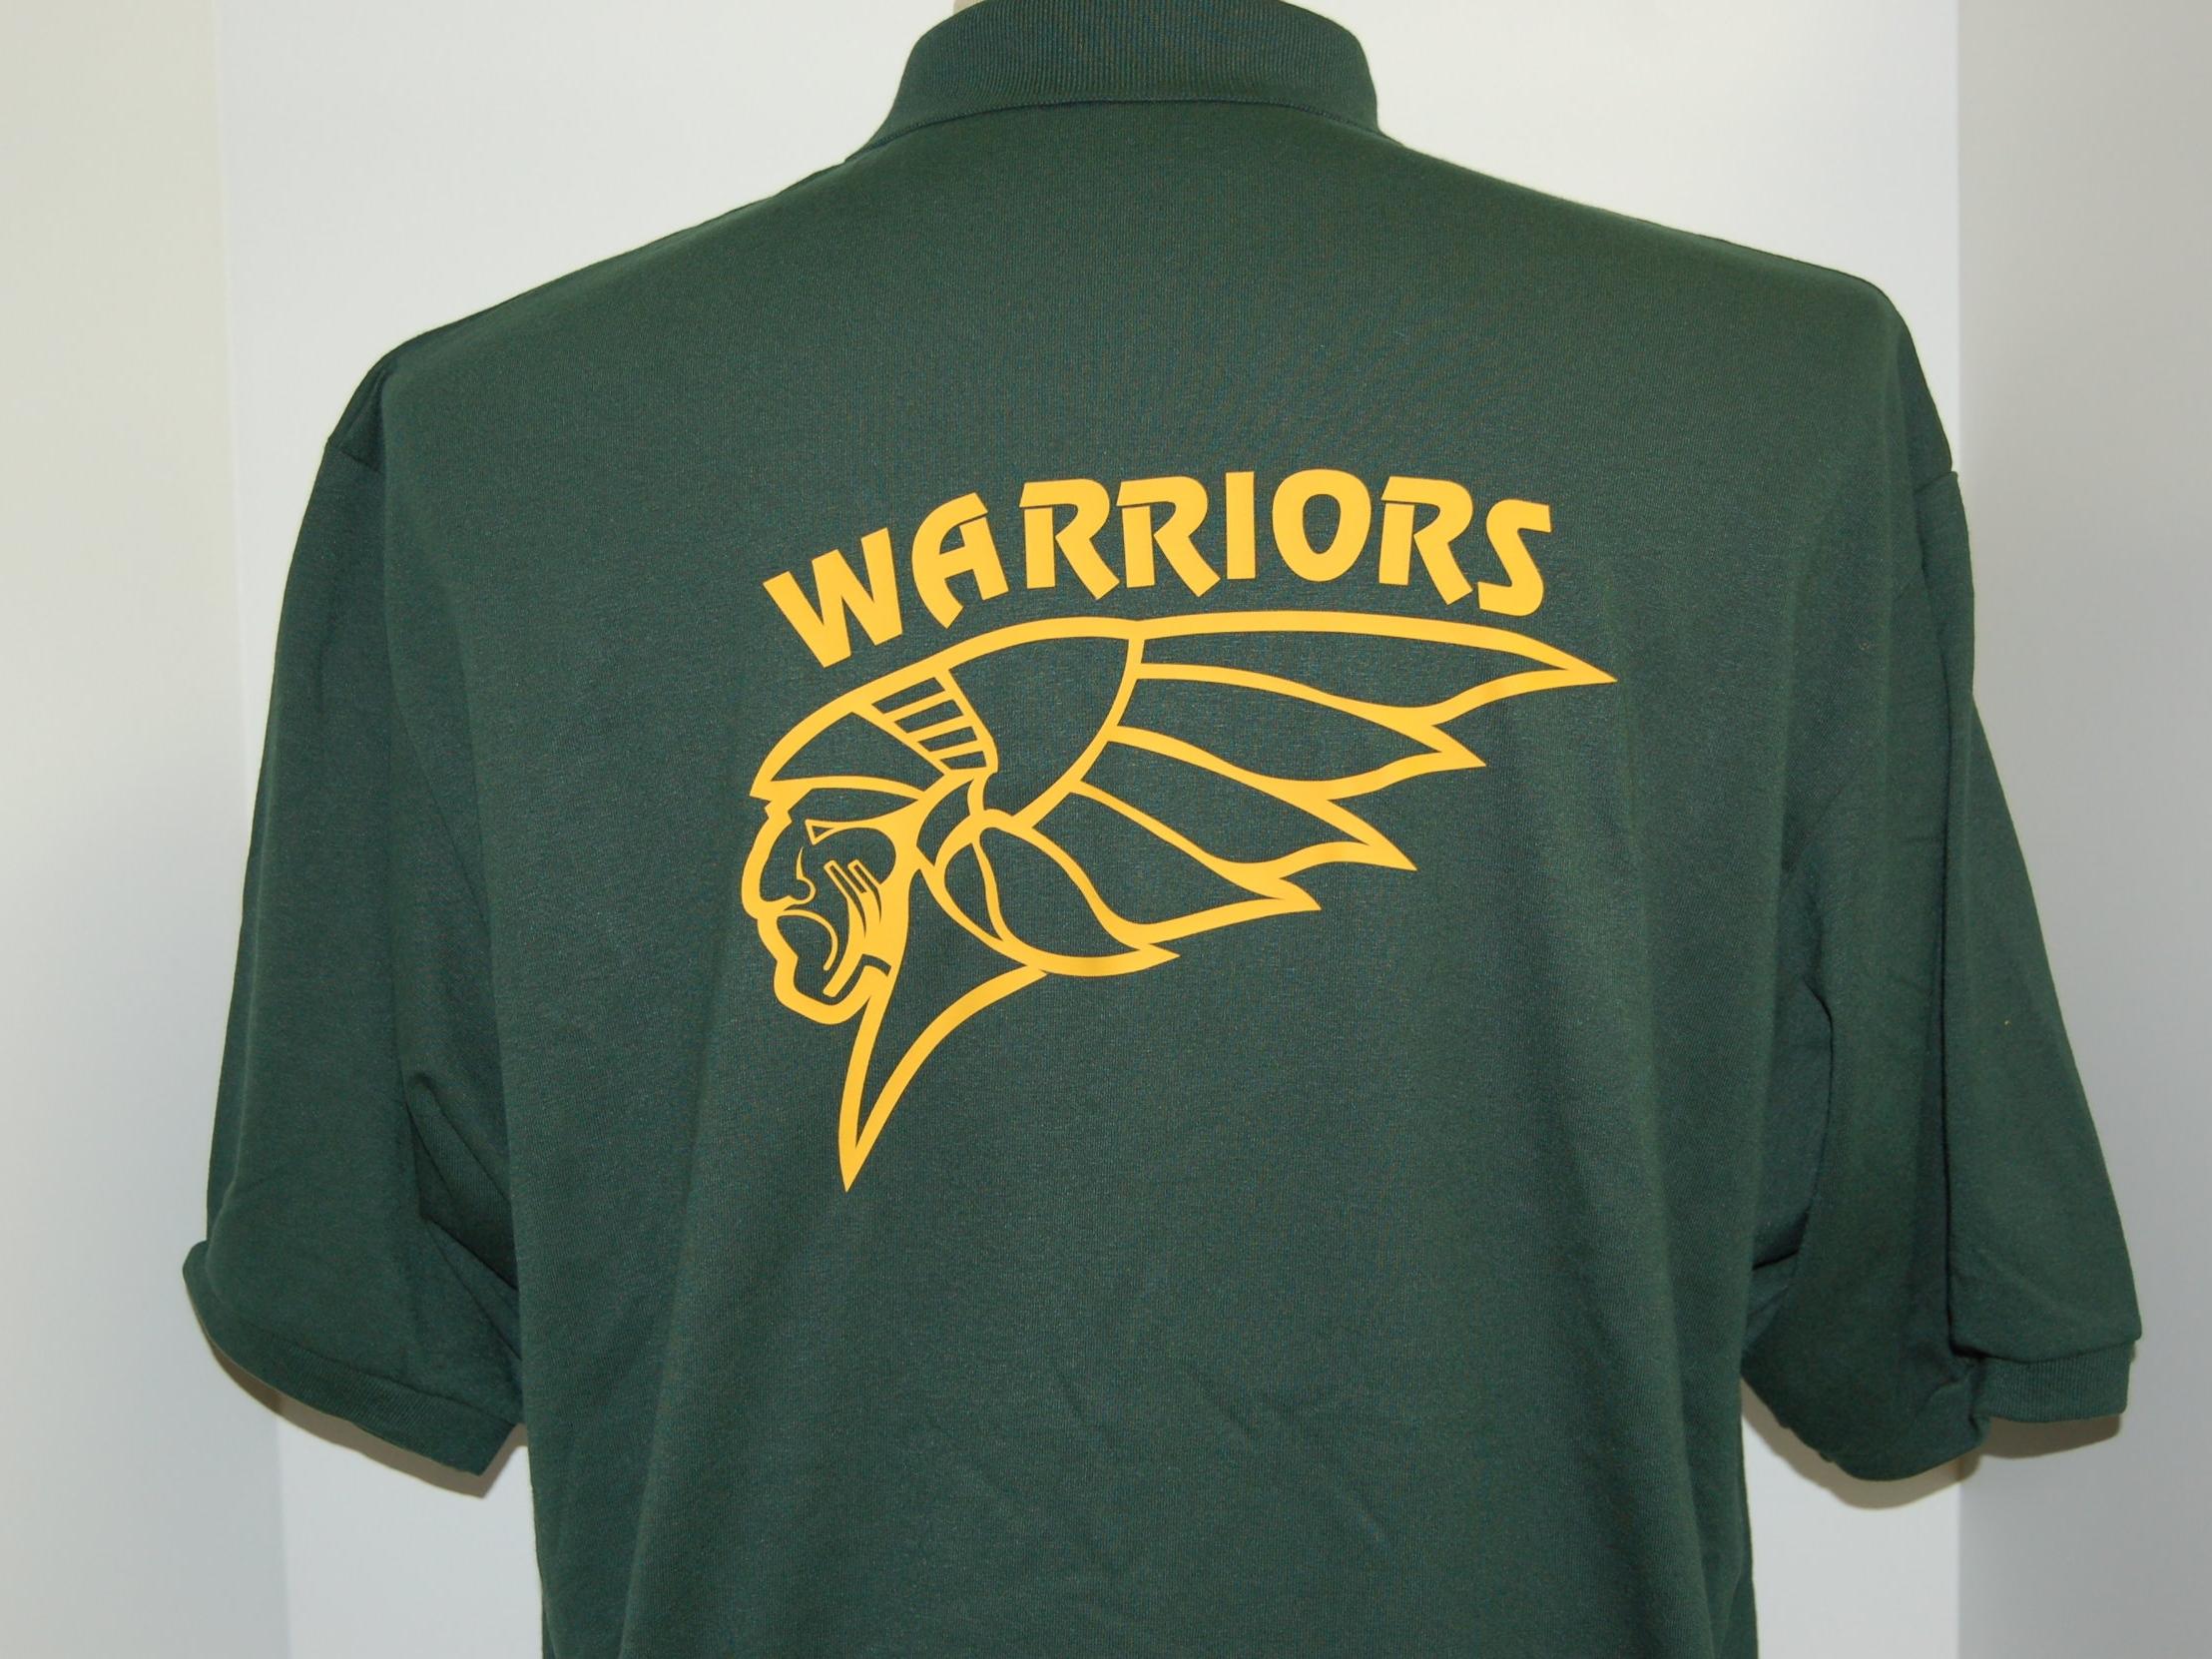 Warriors back.JPG